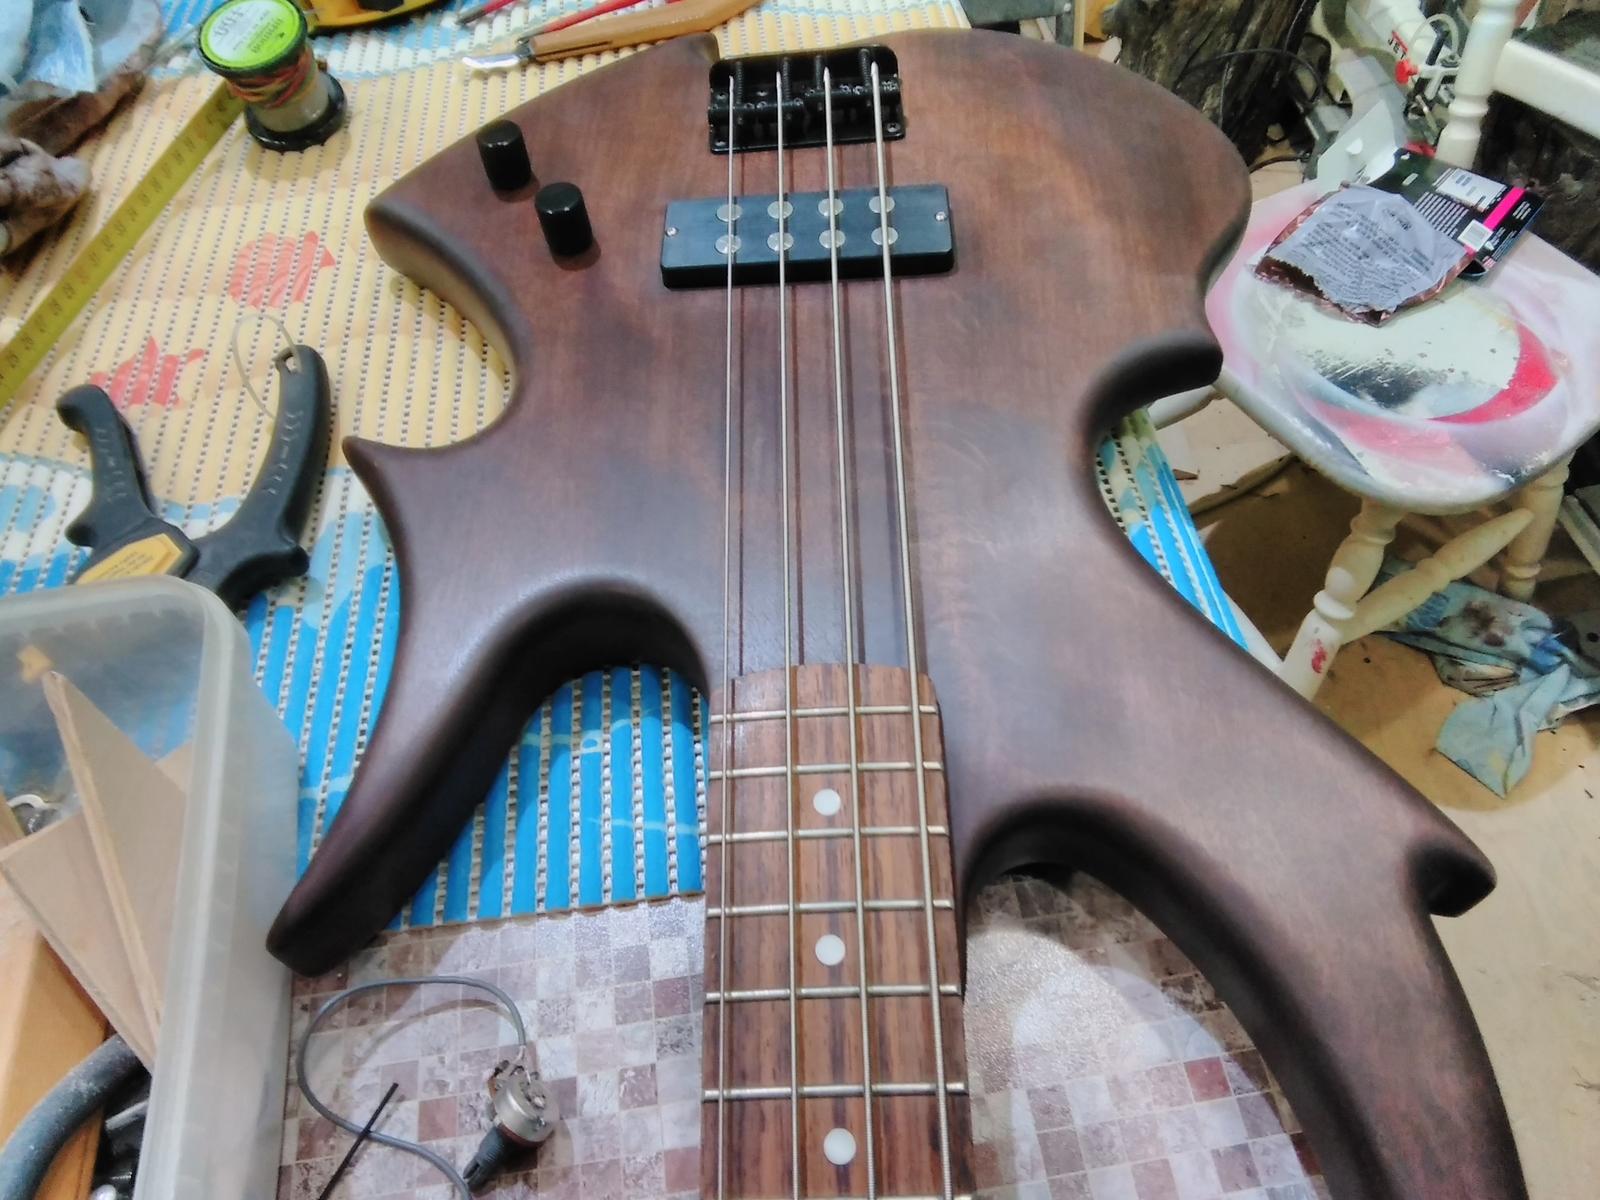 Бас-гитара своими руками только, сделано, Собственно, самый, просто, оклеил, сообщества, впервые, непросто, этого, успокоила, смысла, совершенно, поверхность, полуглянцевая, электричество, полуматовая, рассказывать, может, обычно